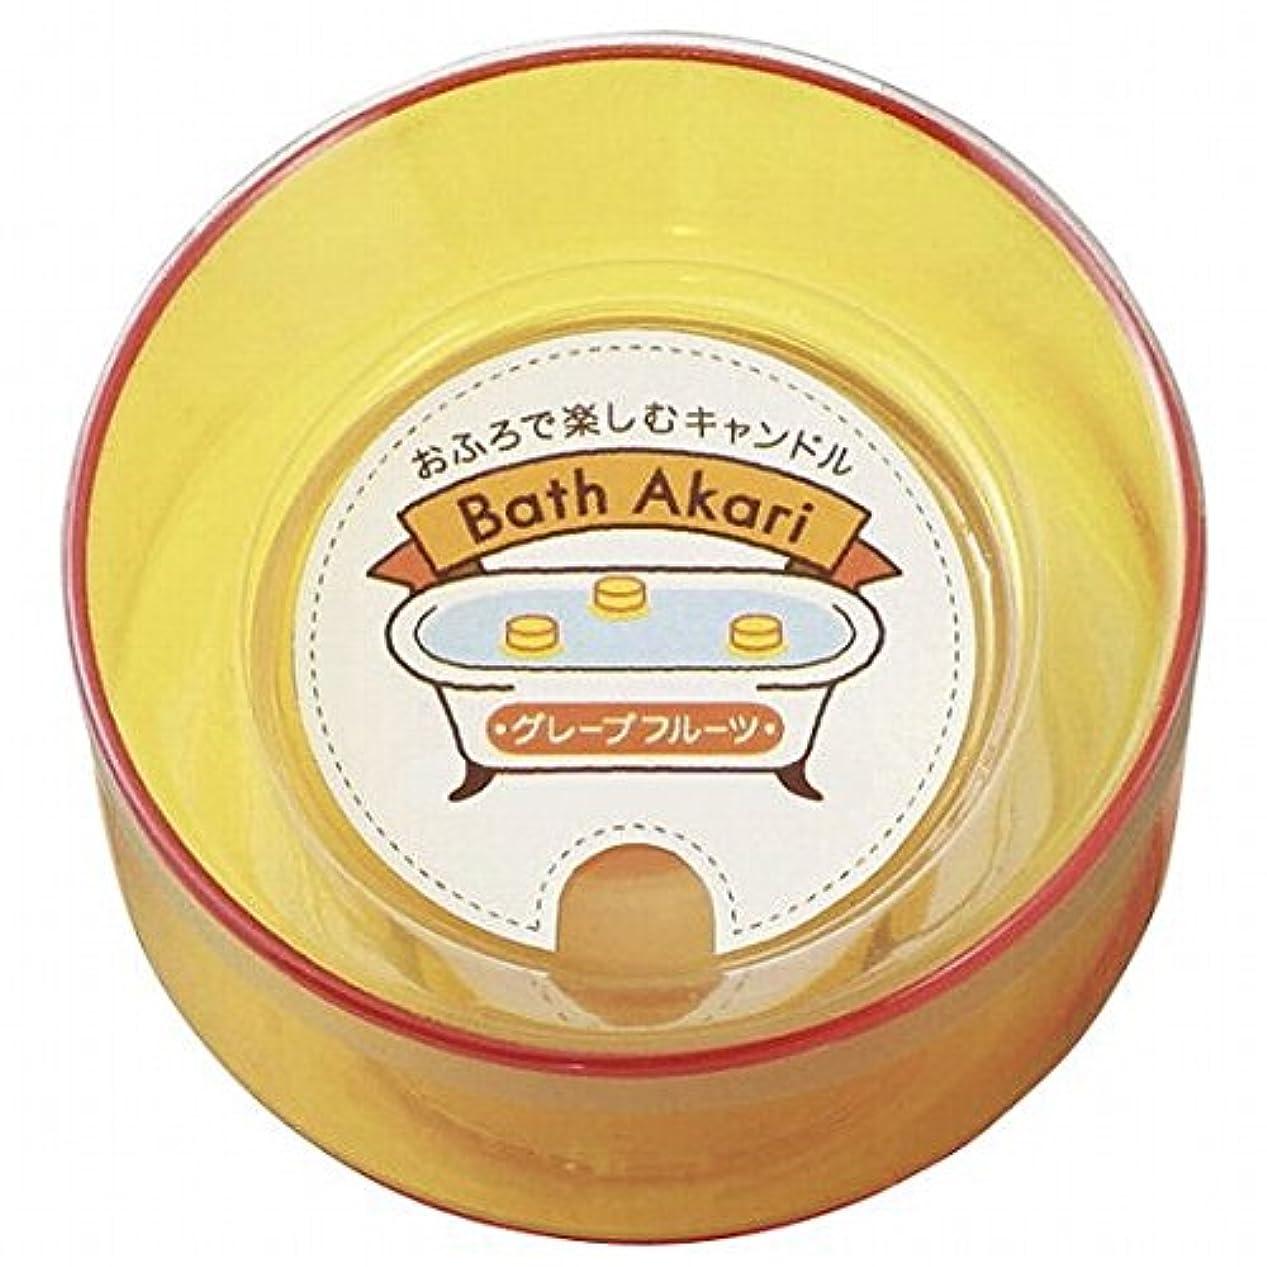 ユーザーブラウザサーマルkameyama candle(カメヤマキャンドル) バスあかり (水に浮く?お風呂キャンドル) 「グレープフルーツ」 12個入り(A8220510GF)